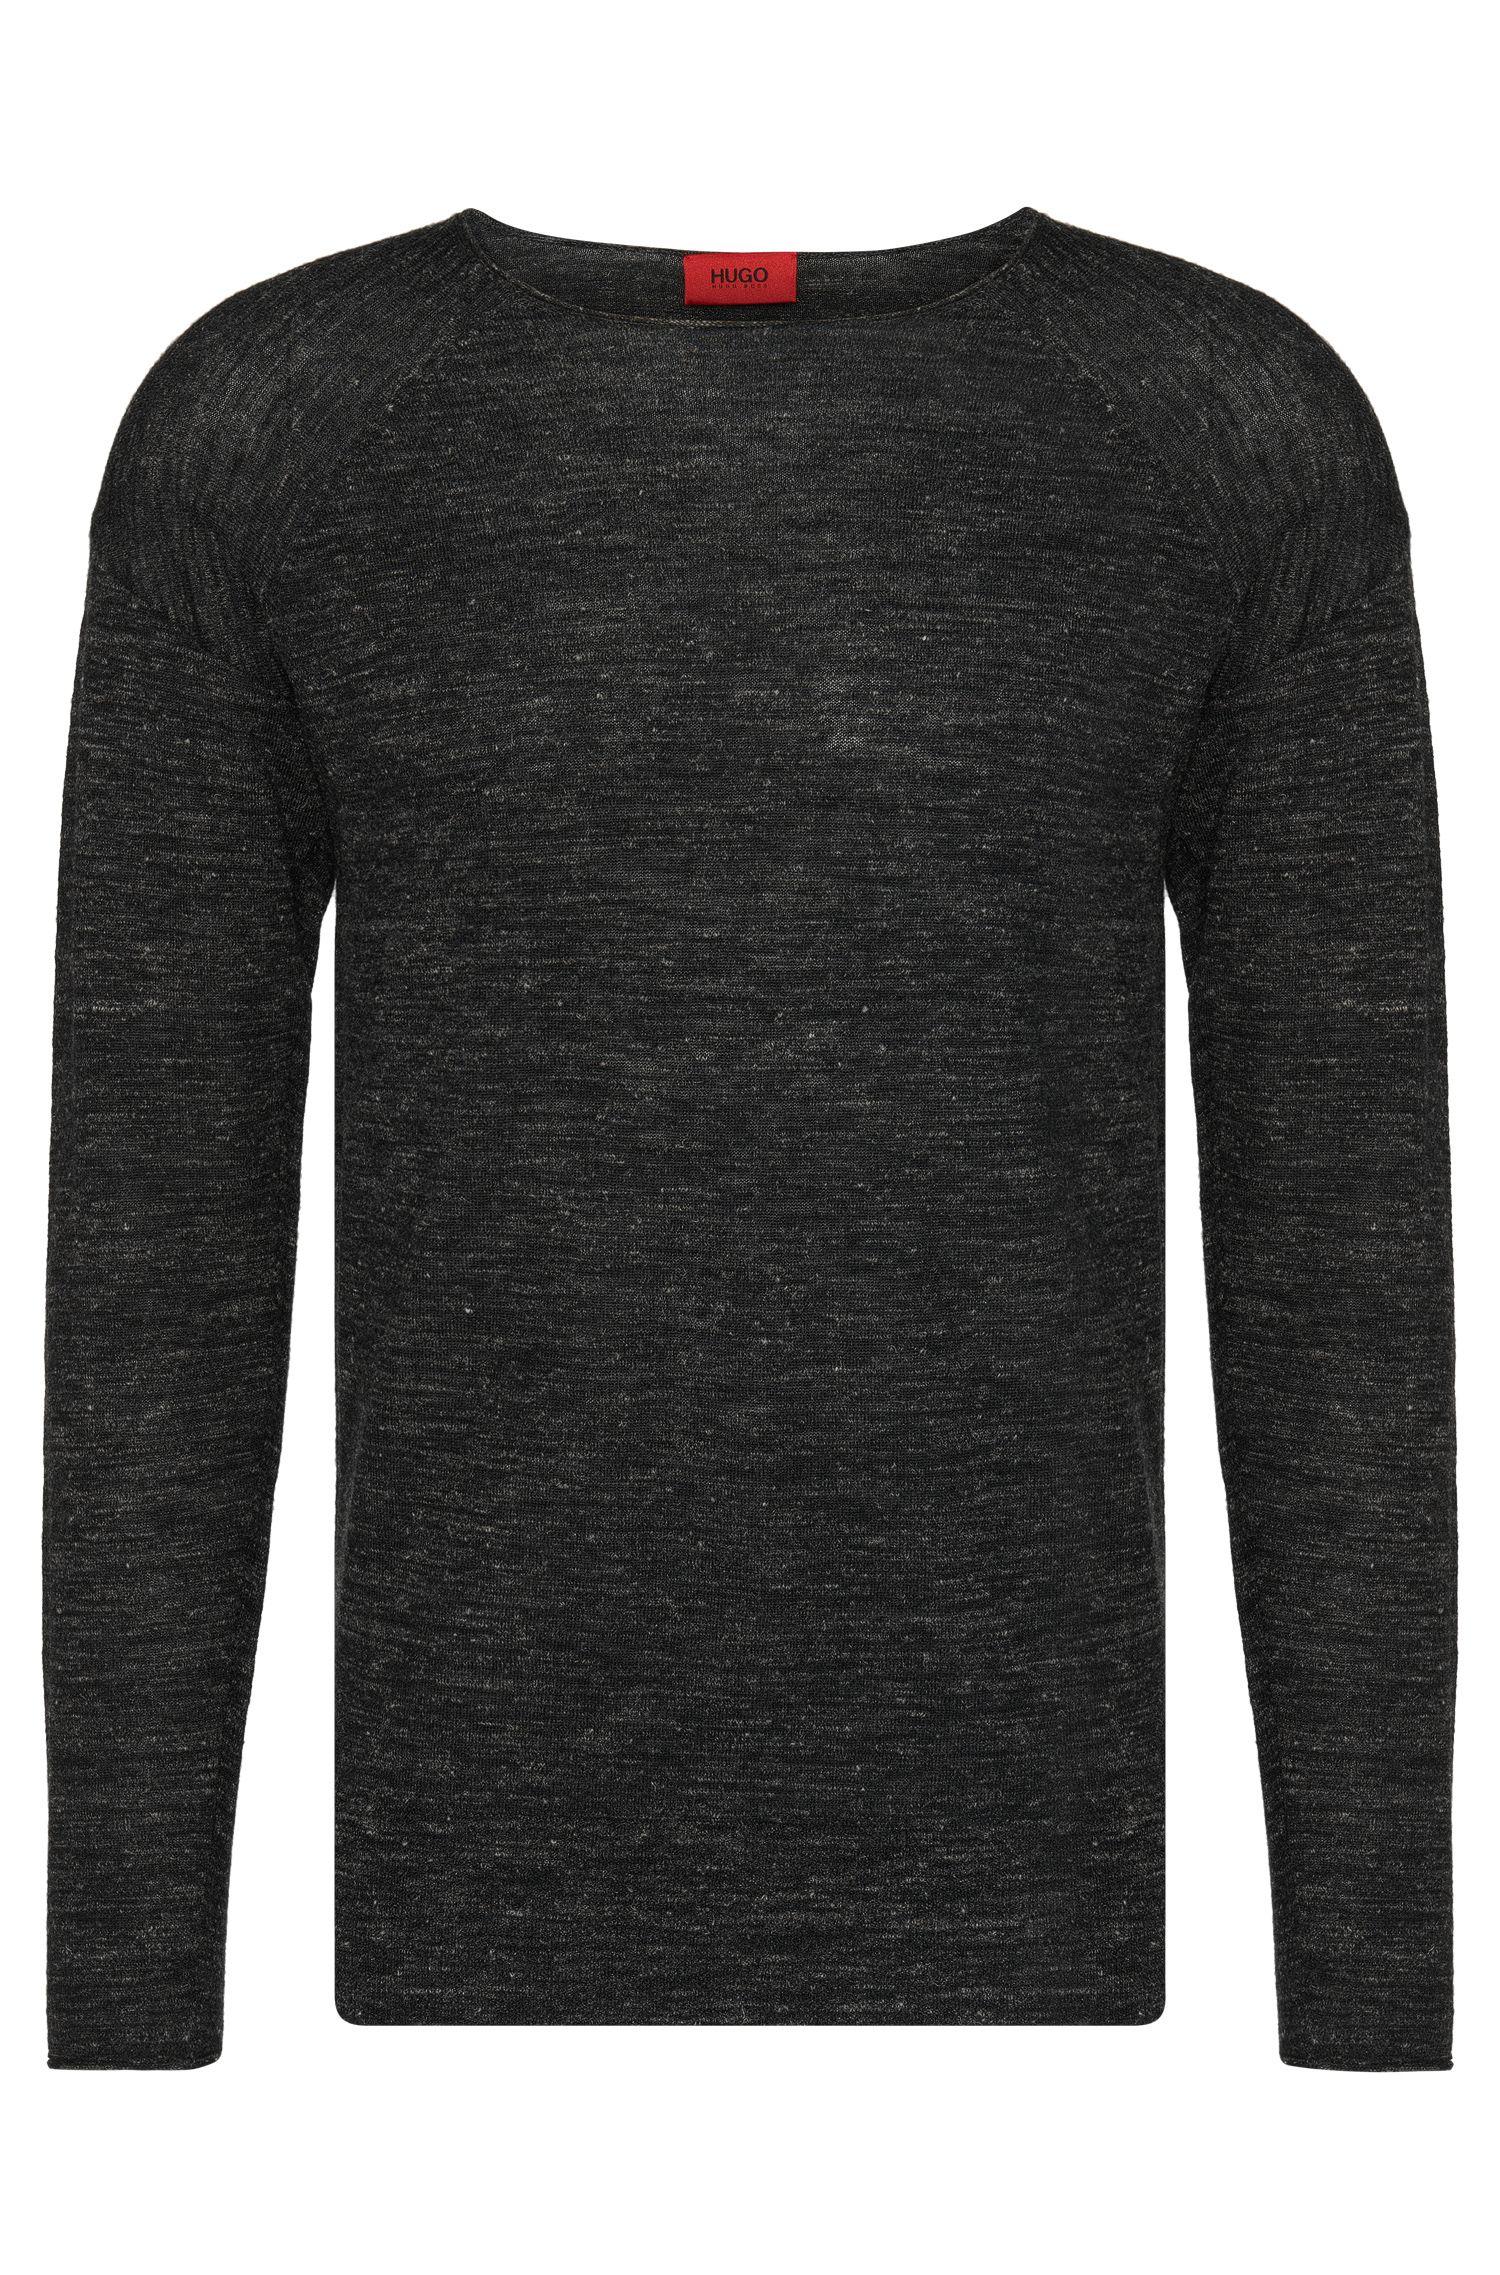 'Sullmore' | Virgin Wool Linen Melange Sweater